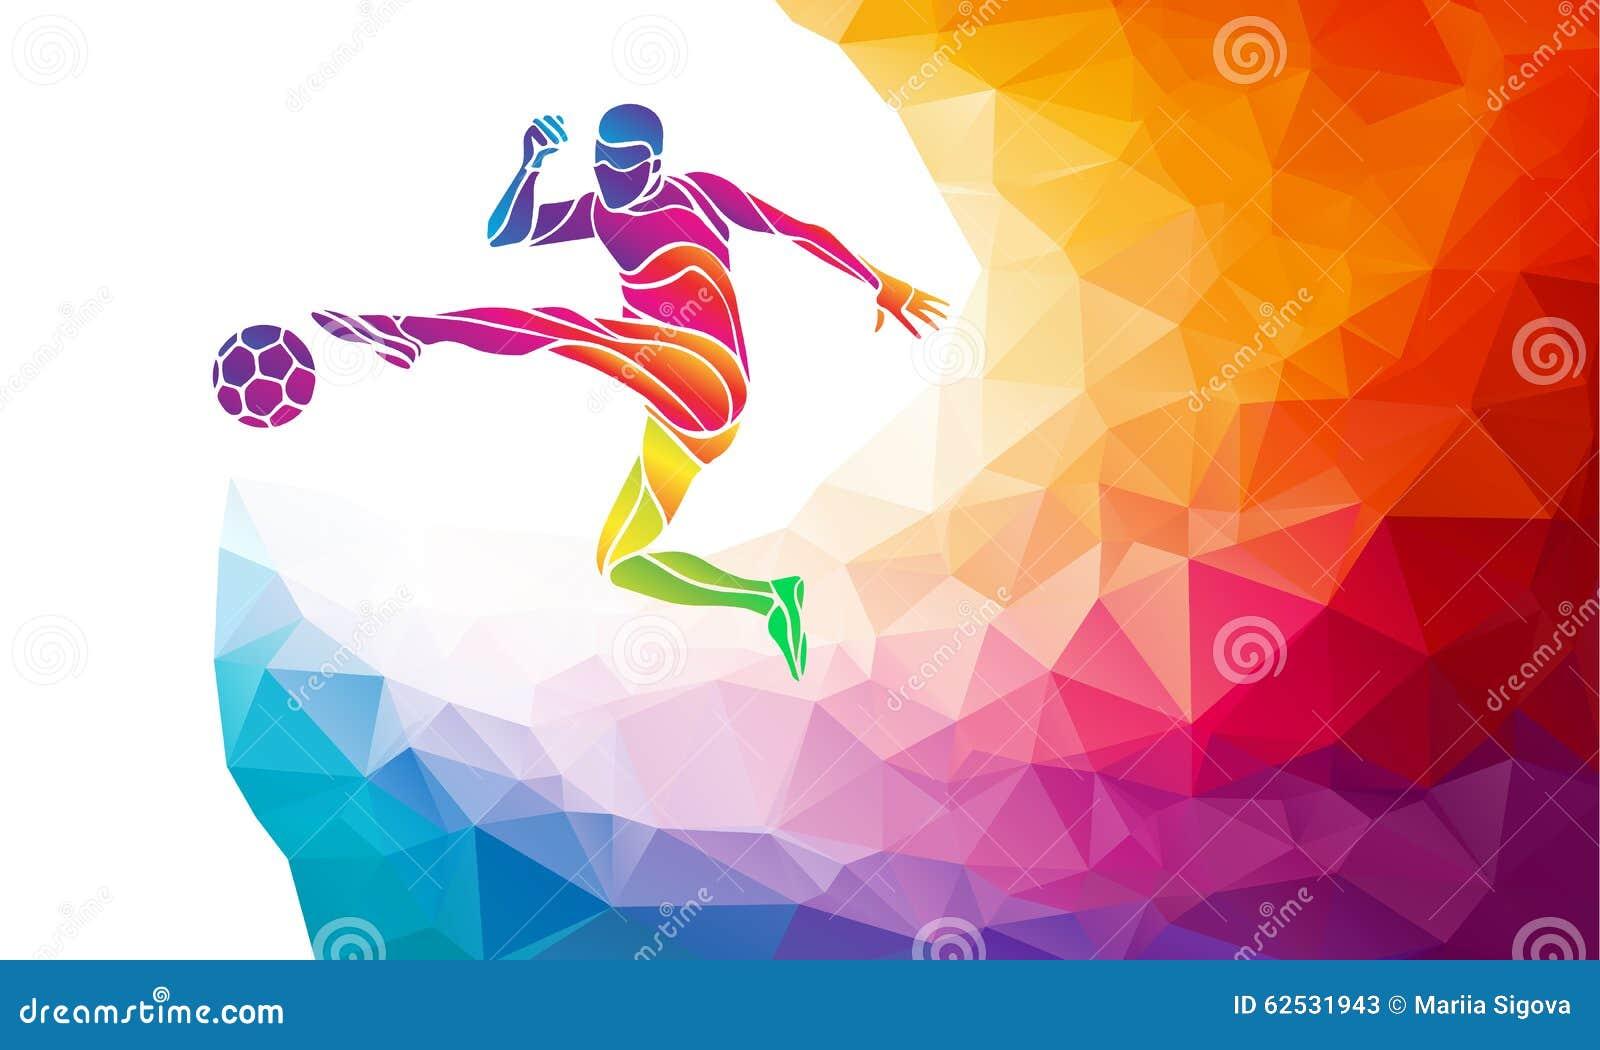 Silhouette créative de footballeur Le joueur de football donne un coup de pied la boule dans le style coloré abstrait à la mode d